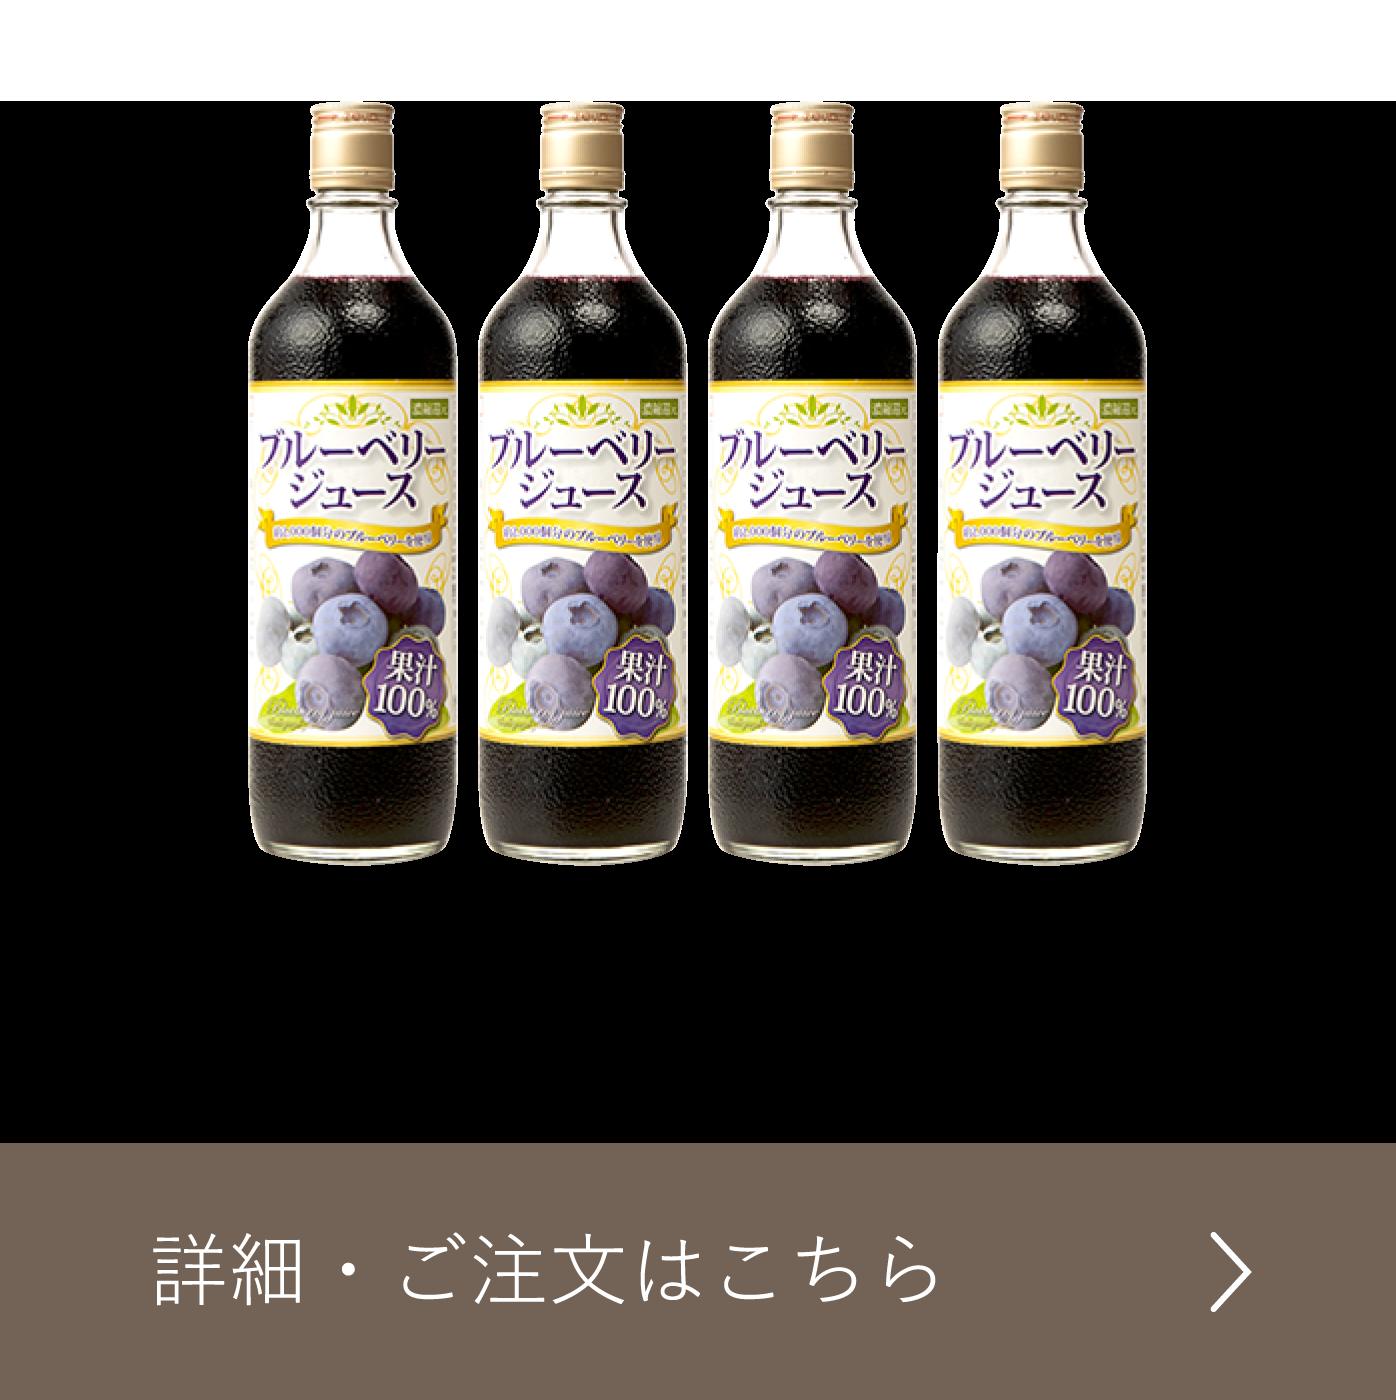 ブルーベリー100%ジュース 720ml 4本定期